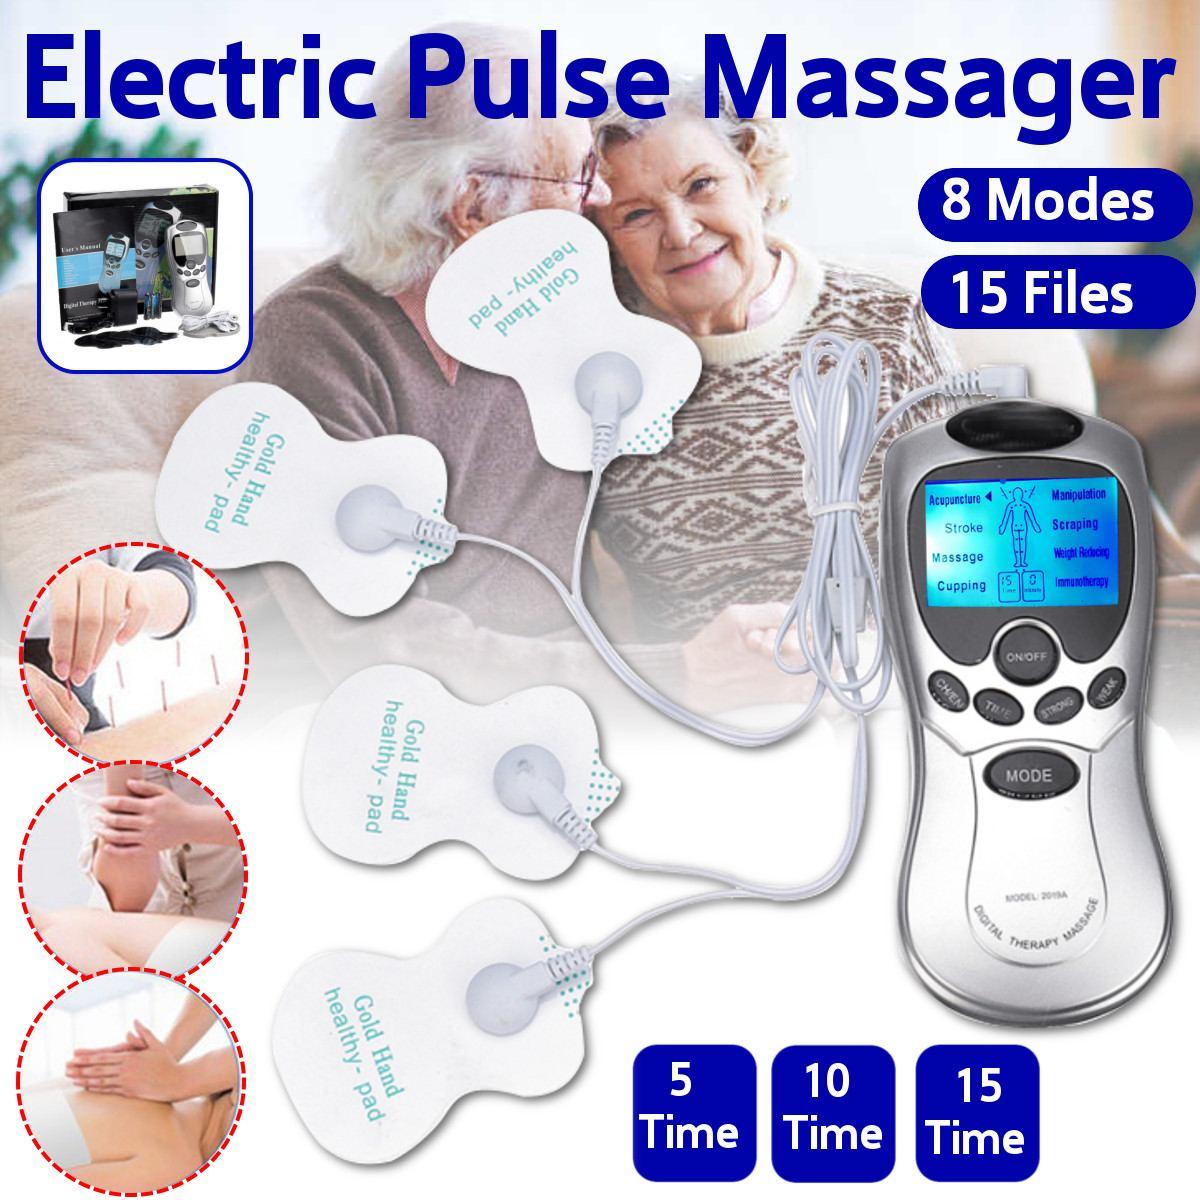 Gesundheit Zehn muscle Neck massager Zurück Elektrische Digitale Therapie Maschine Massage Elektronische Puls Stimulator für Volle Körperpflege